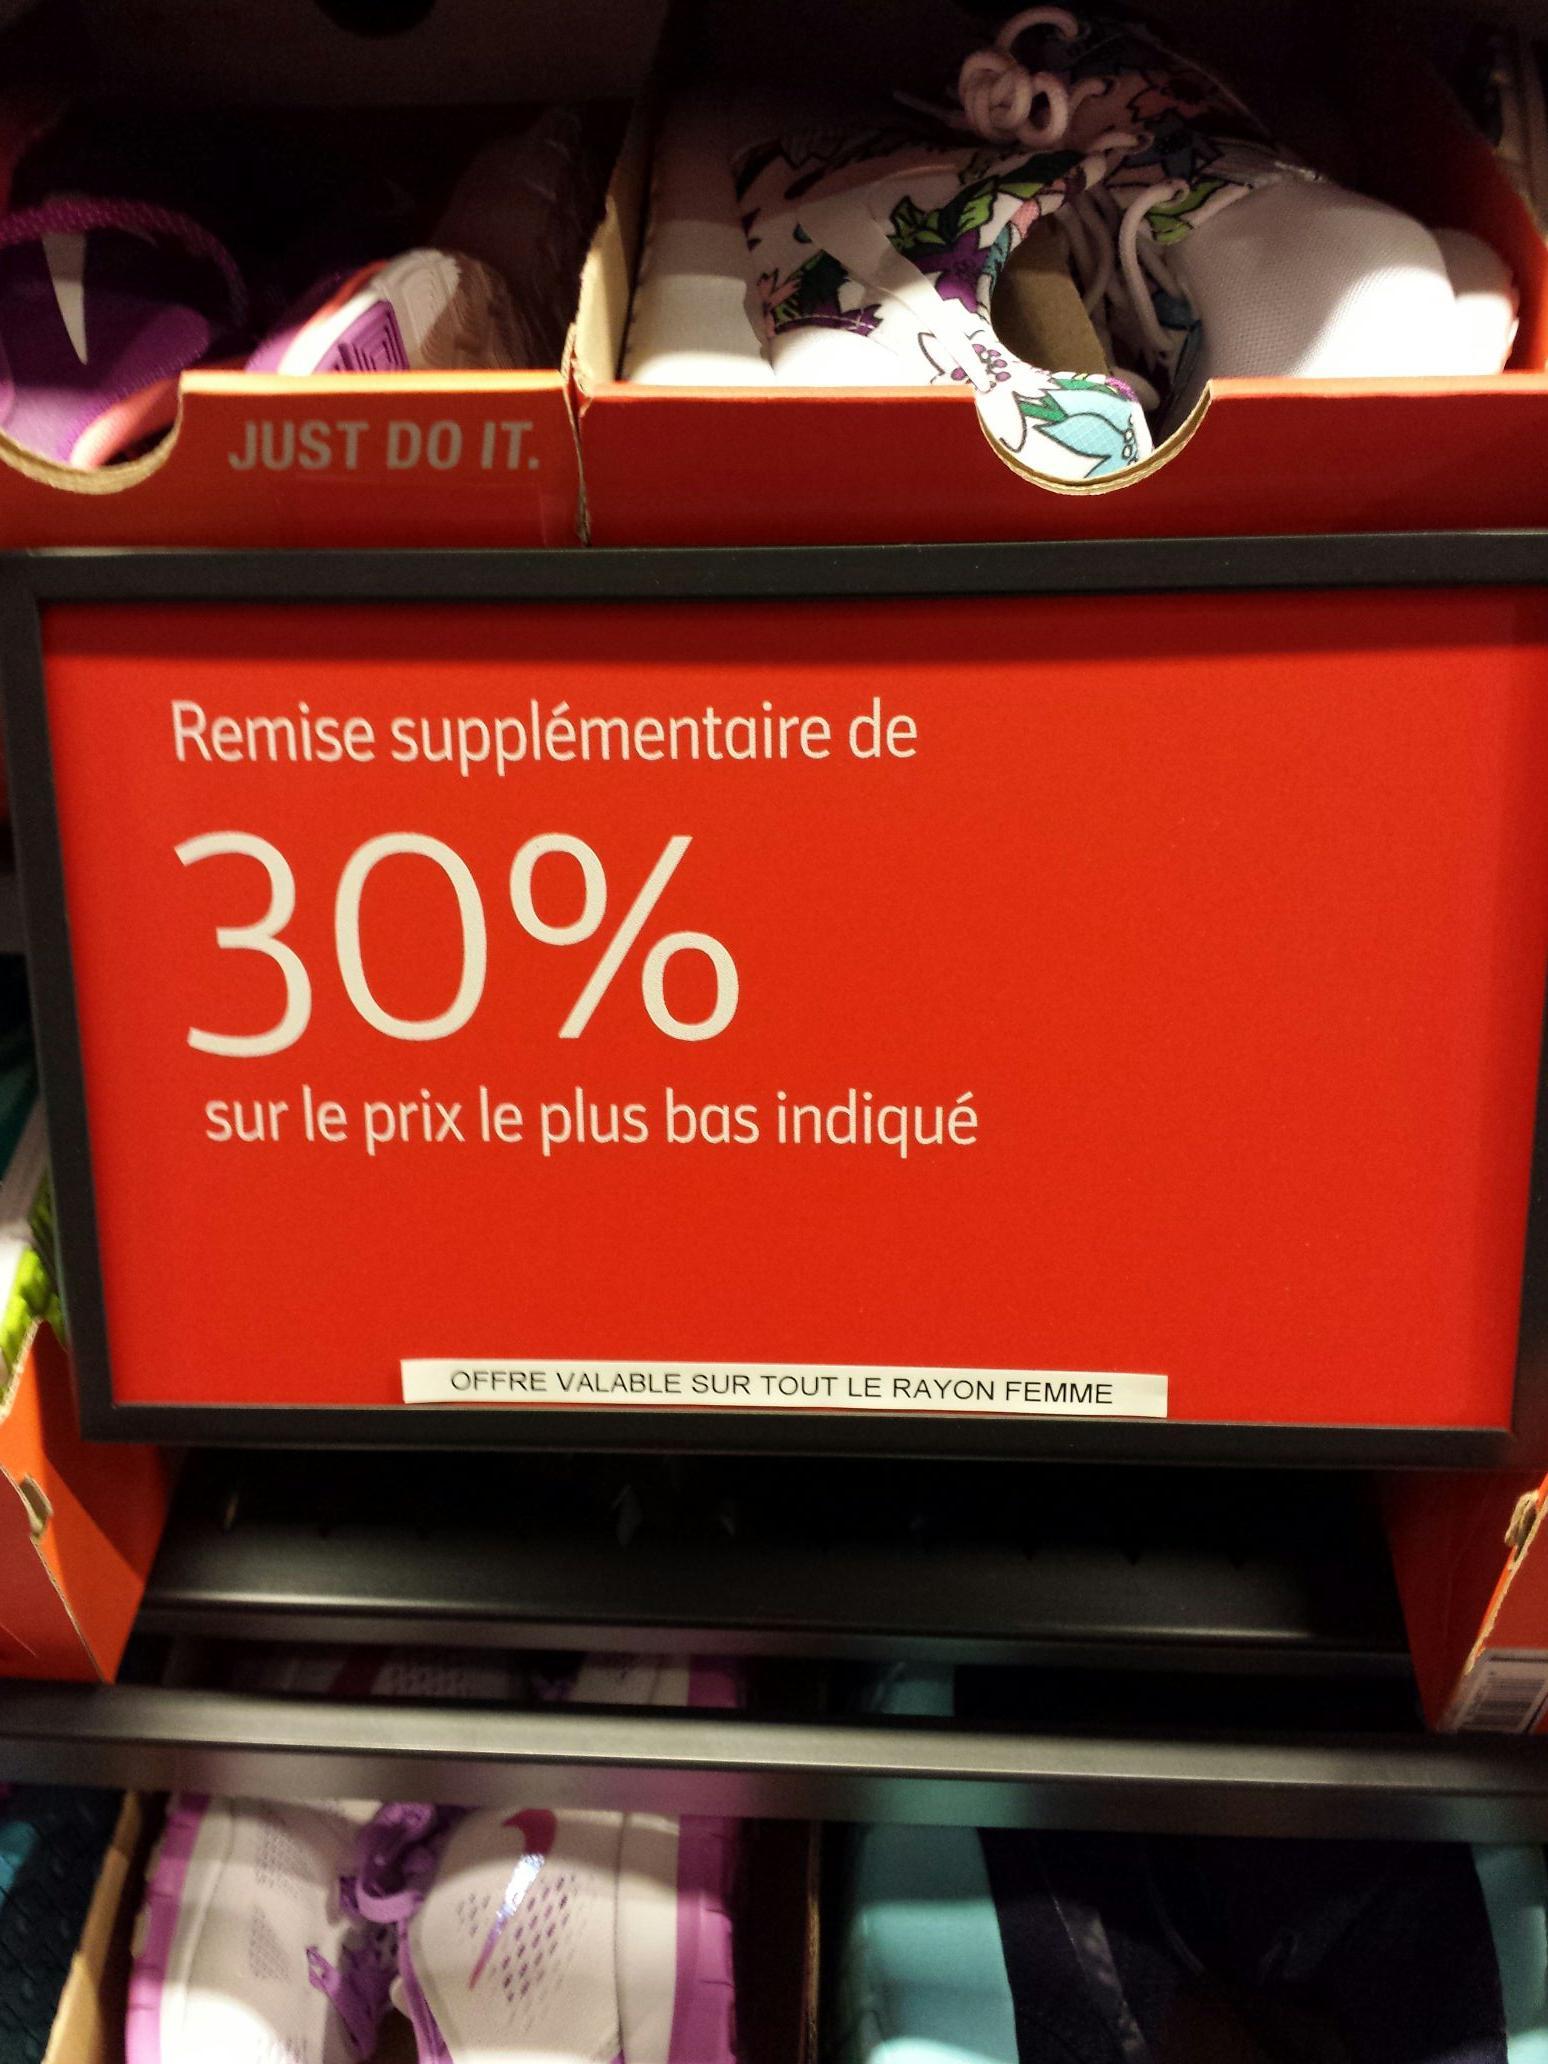 30% de réduction supplémentaire sur les baskets Femmes